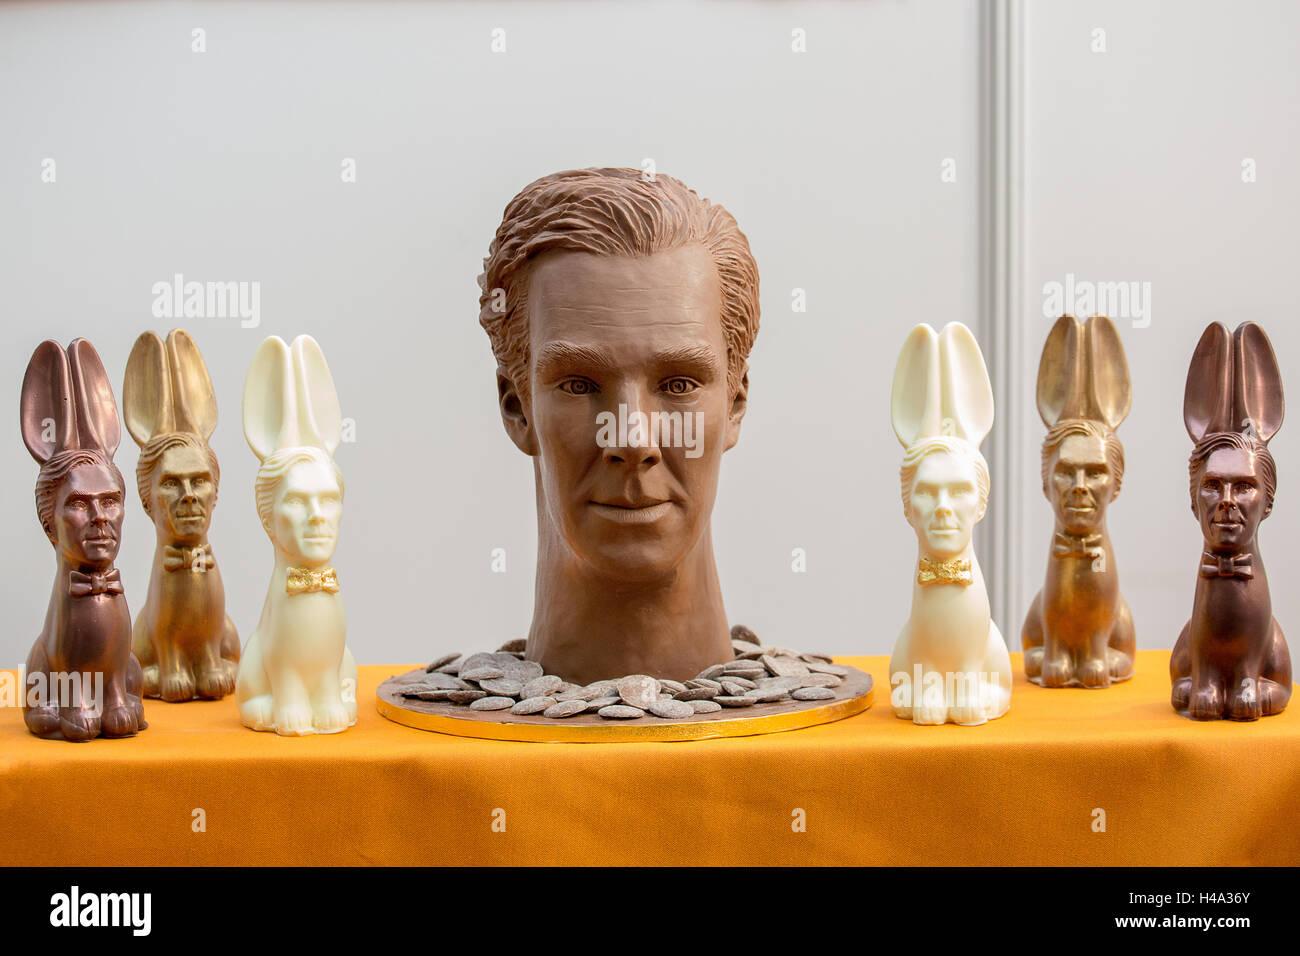 La scultura di cioccolato.Il Salone del Cioccolato avviene a Olympia London, Regno Unito da 14th-16th October 2016, Immagini Stock